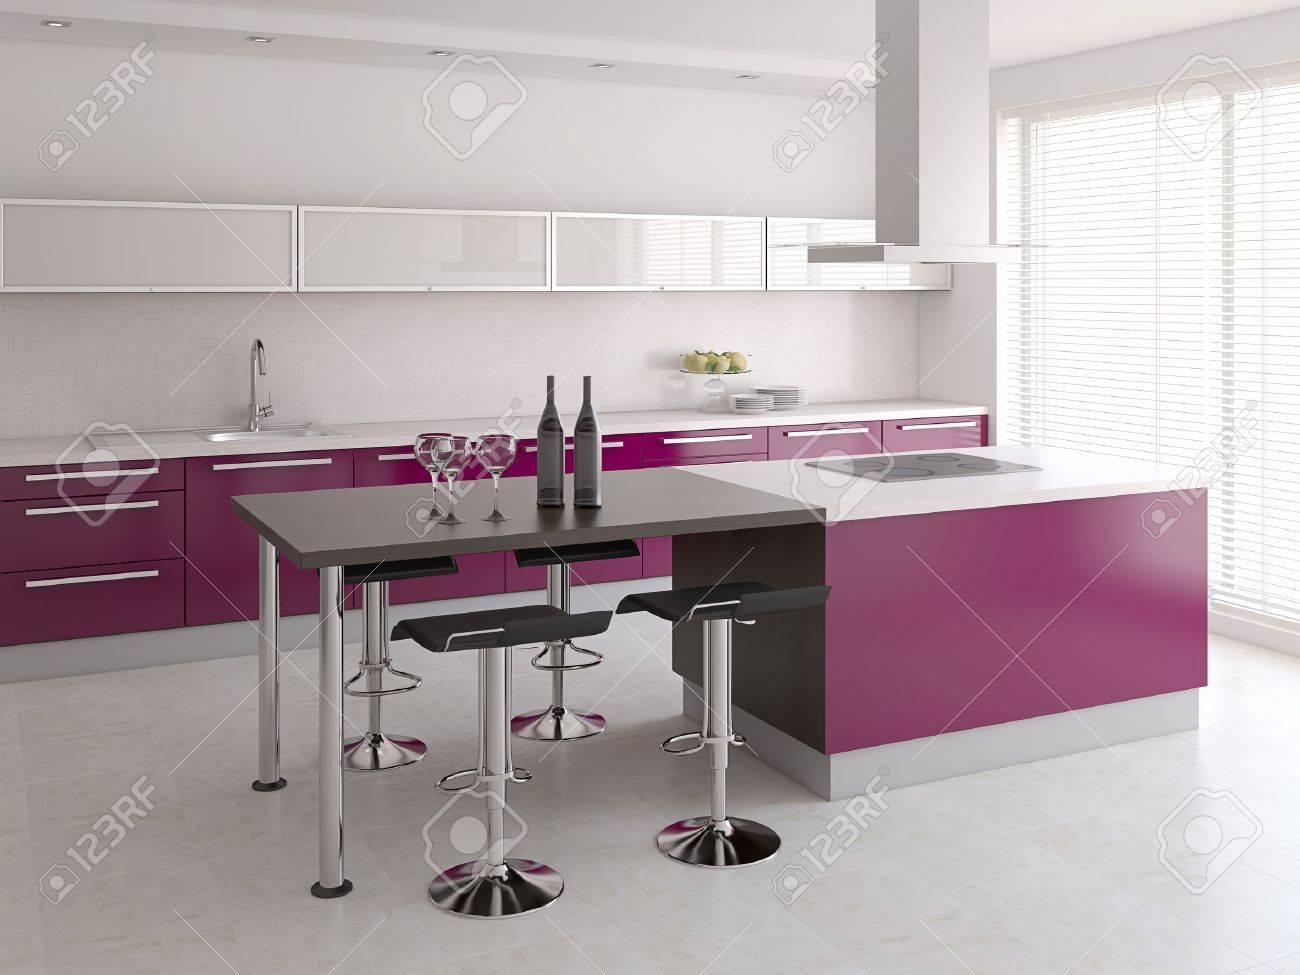 Interior of modern kitchen. 3d render. - 46522674